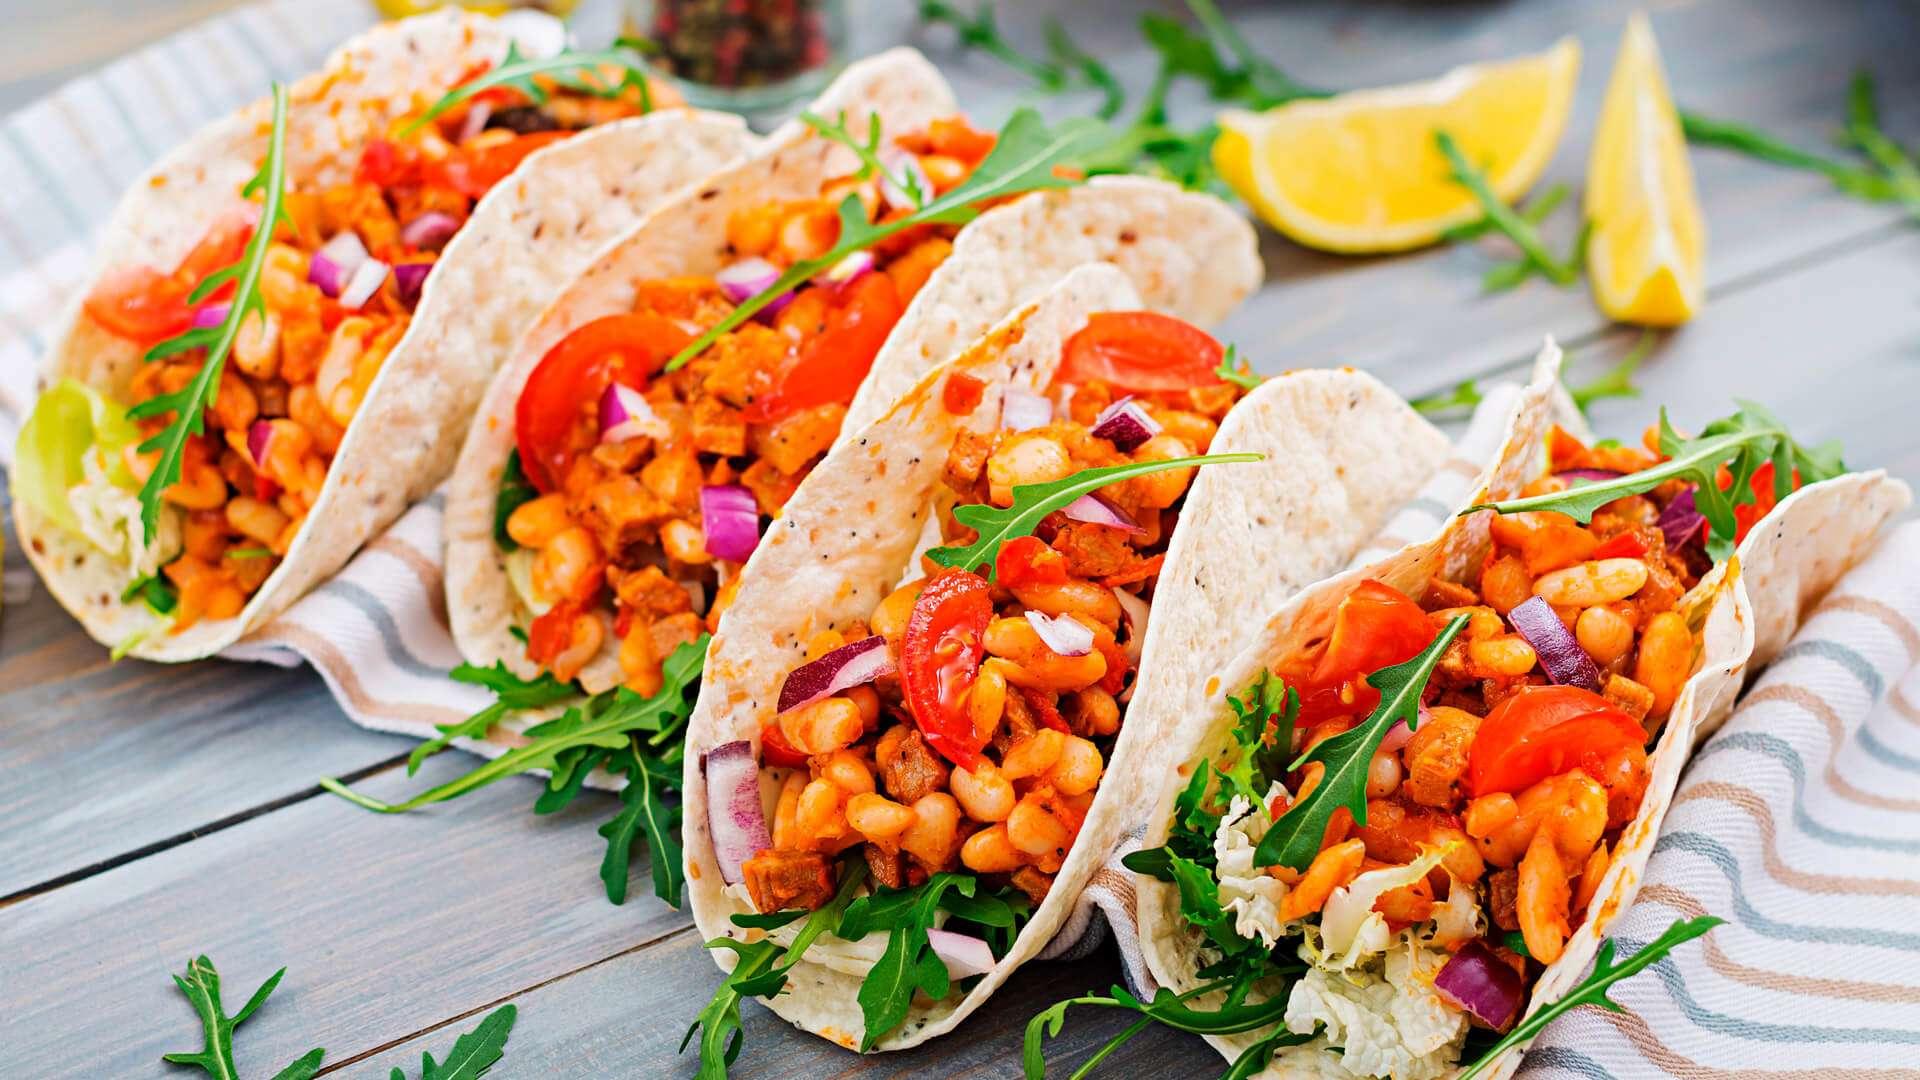 Tacos Mexicanos Los Cabos